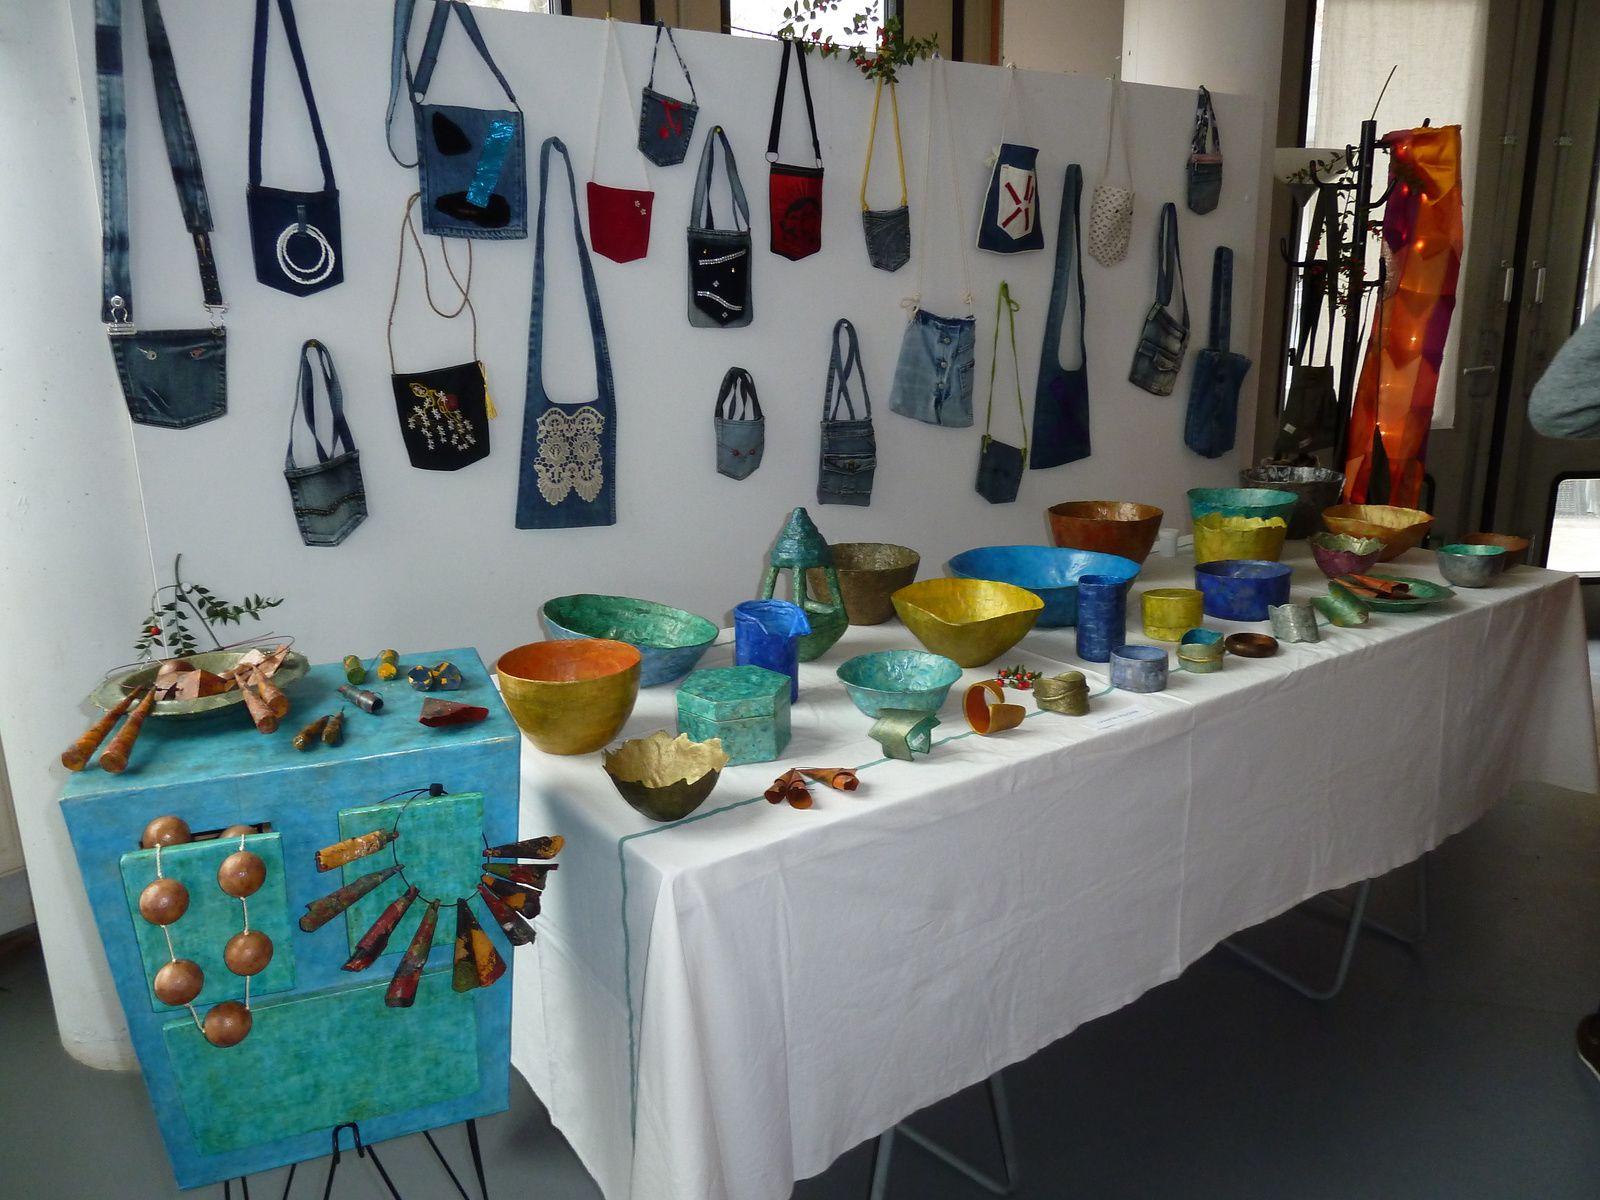 Le stand de Chantal Visscher - Exposition Denim, rétrospective 2000 - 2014 du 30 janvier au 24 février à Bienvenue à Bord